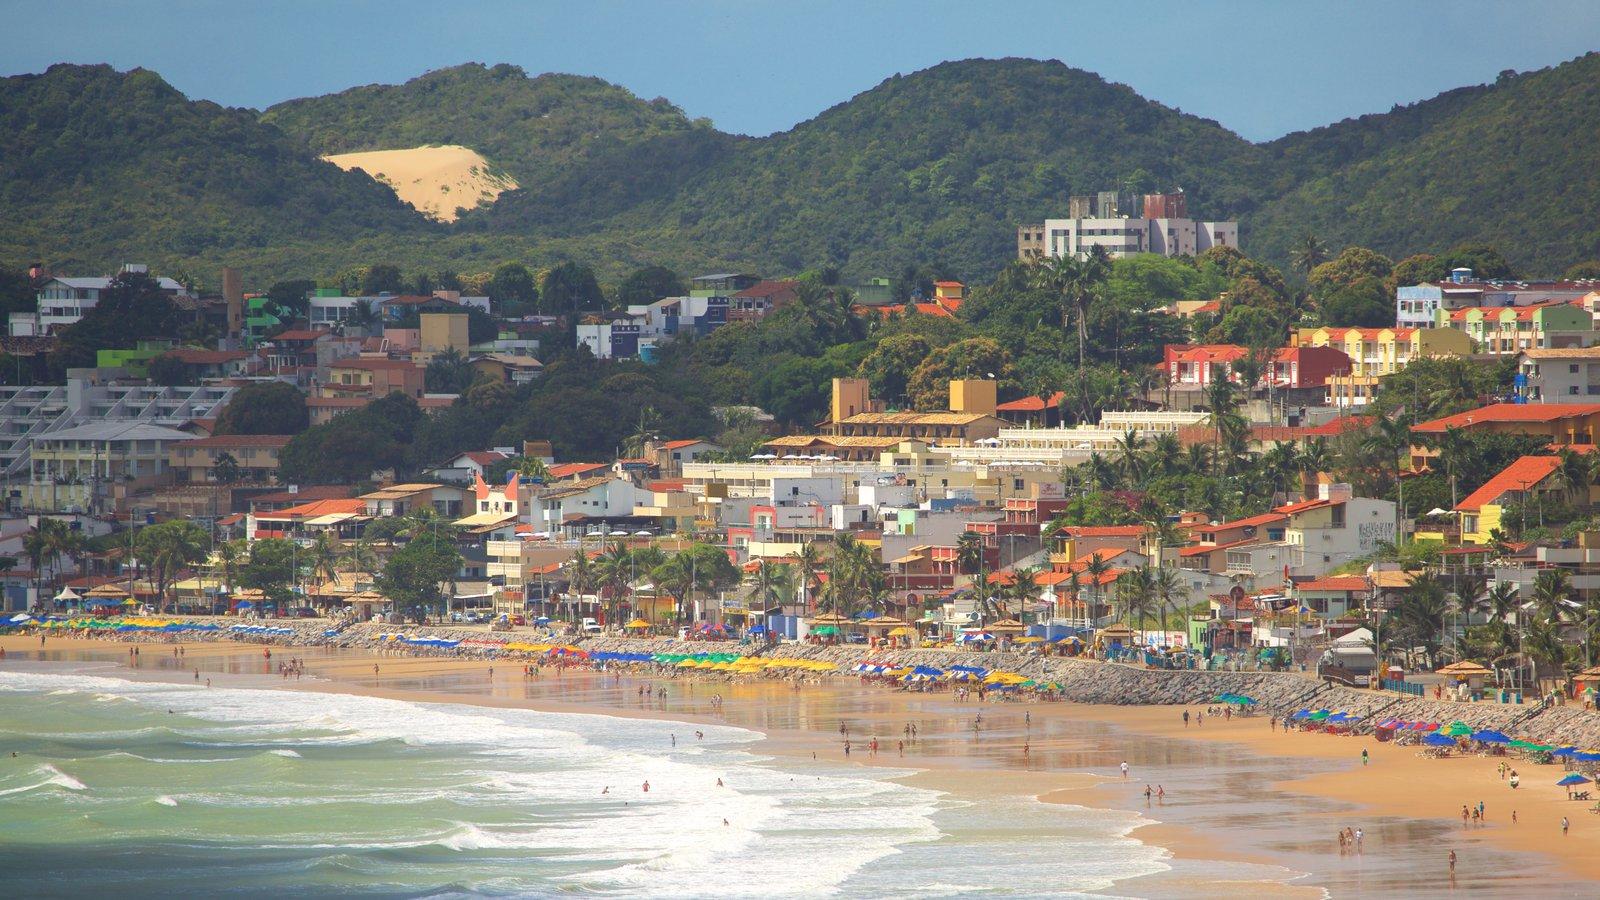 Praia de Ponta Negra que inclui uma cidade litorânea, uma praia de areia e natação